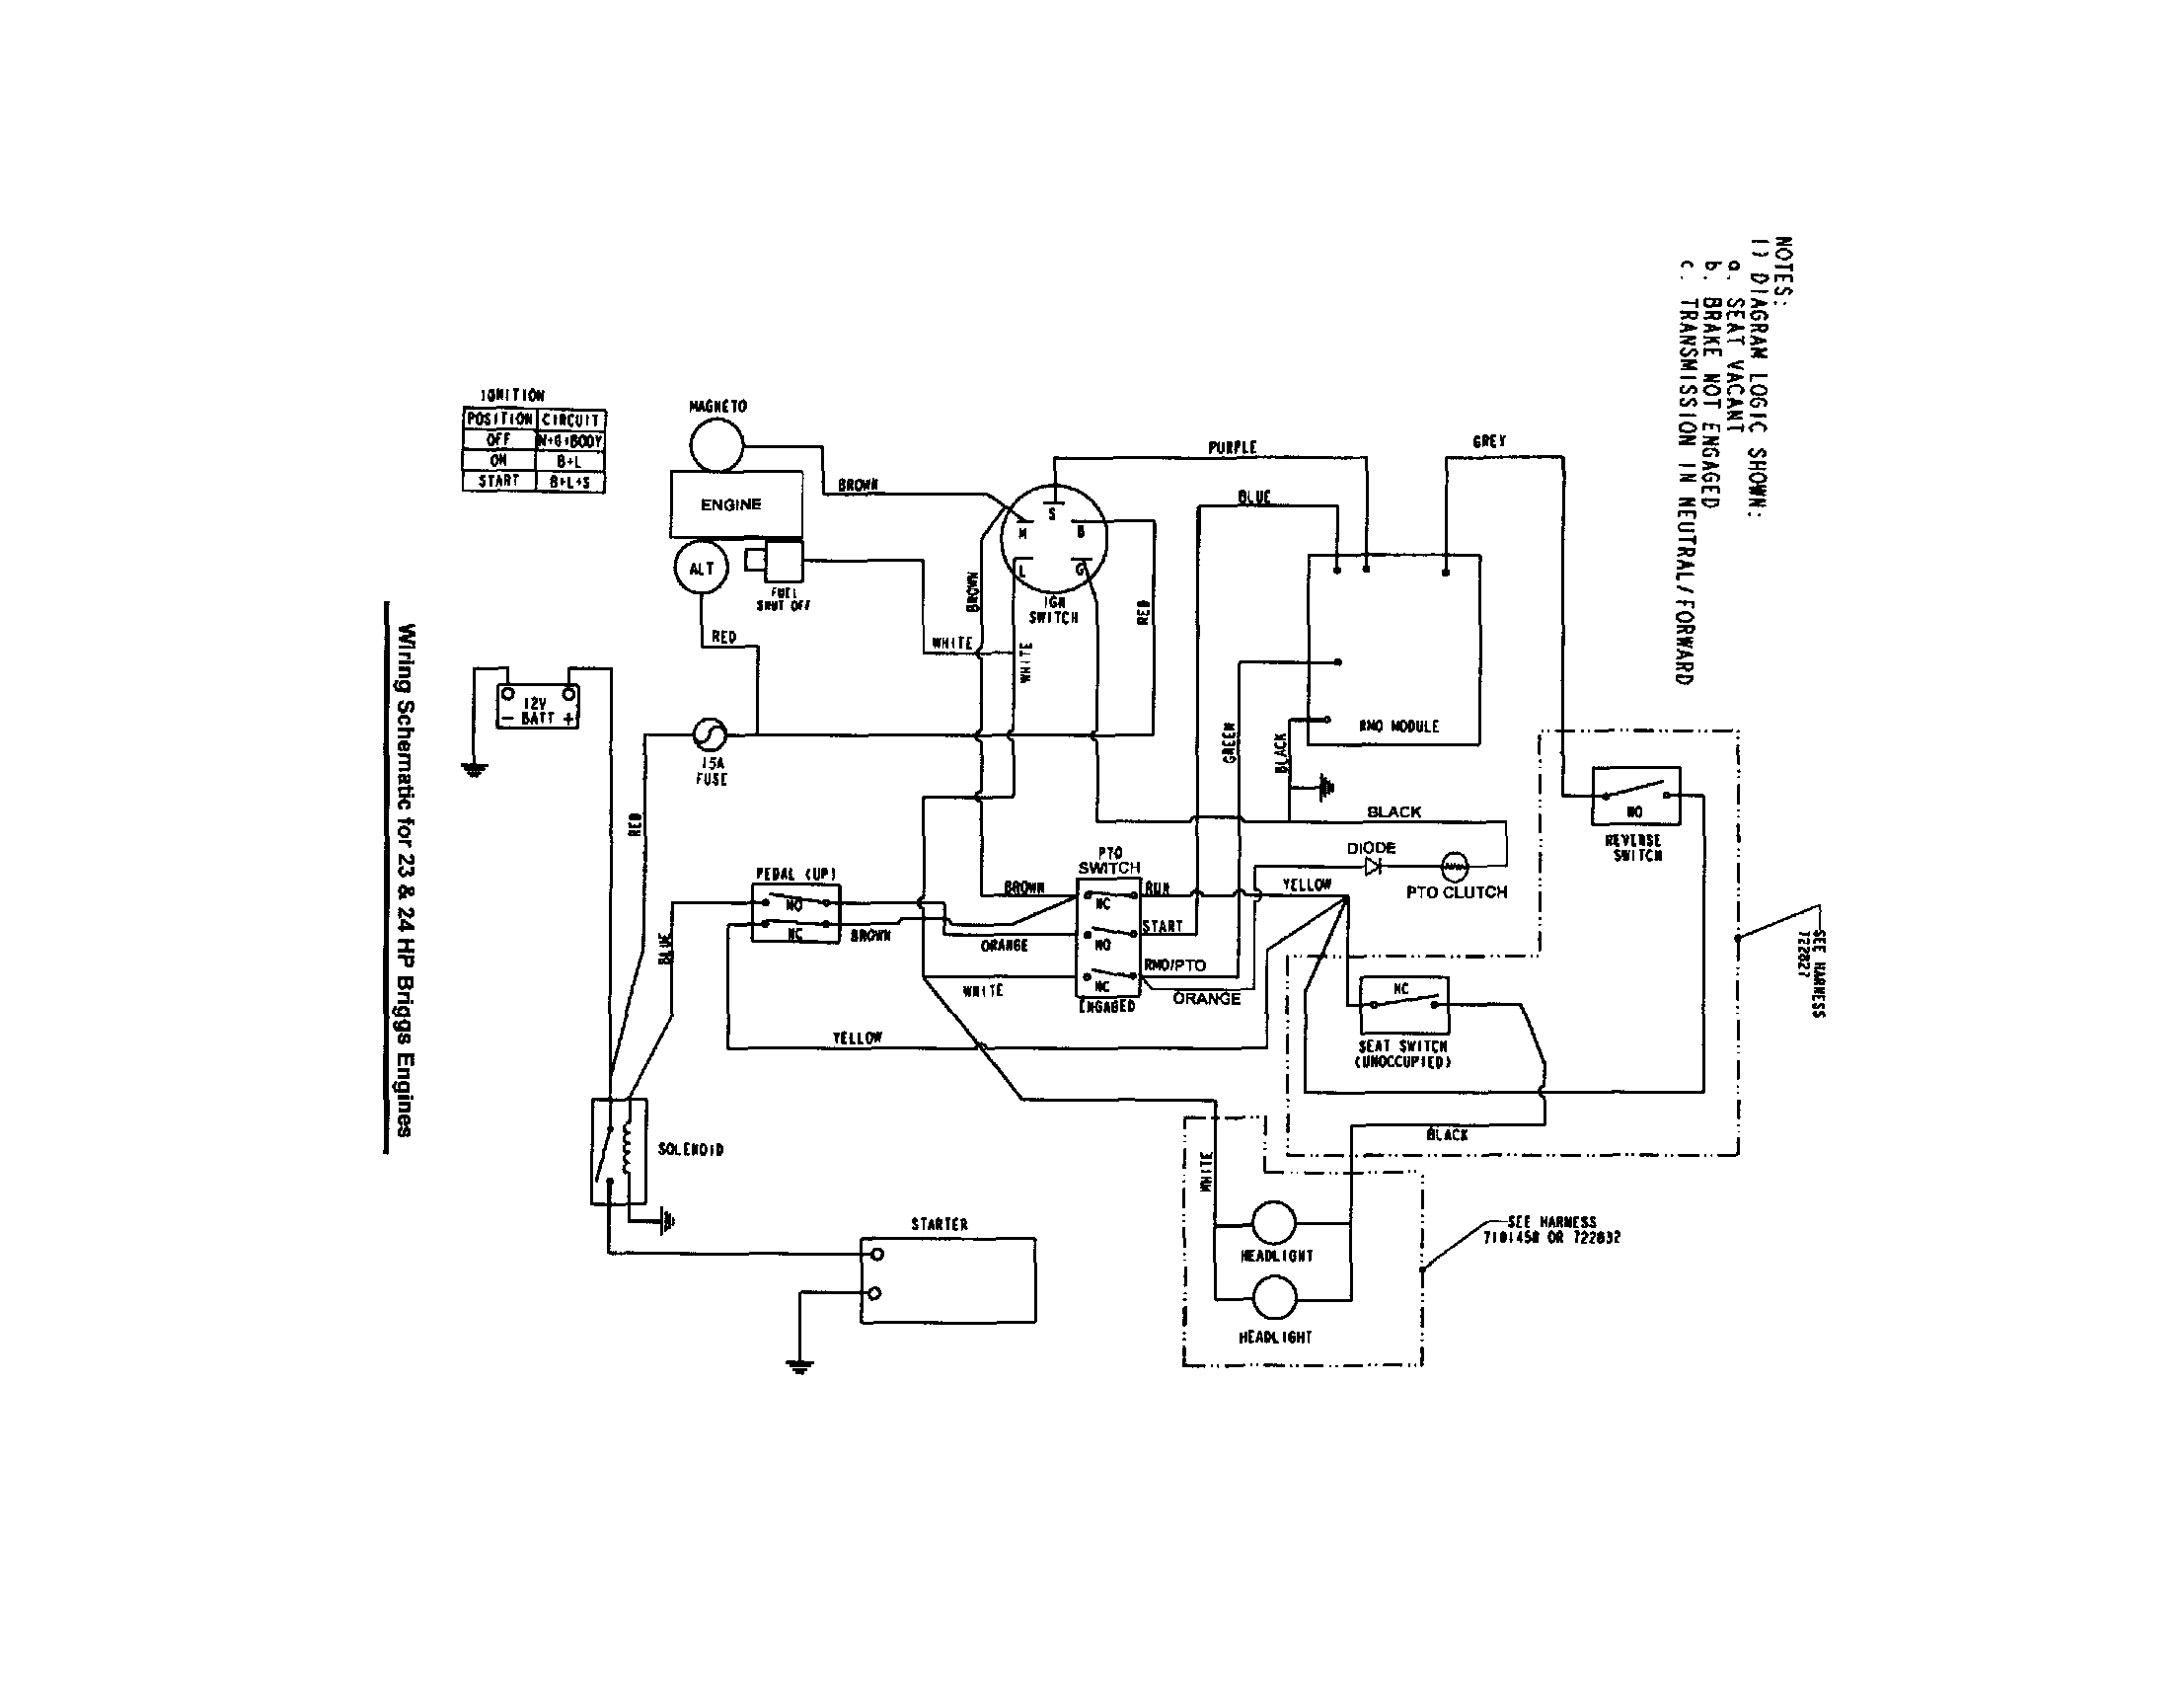 basic mower wiring diagrams